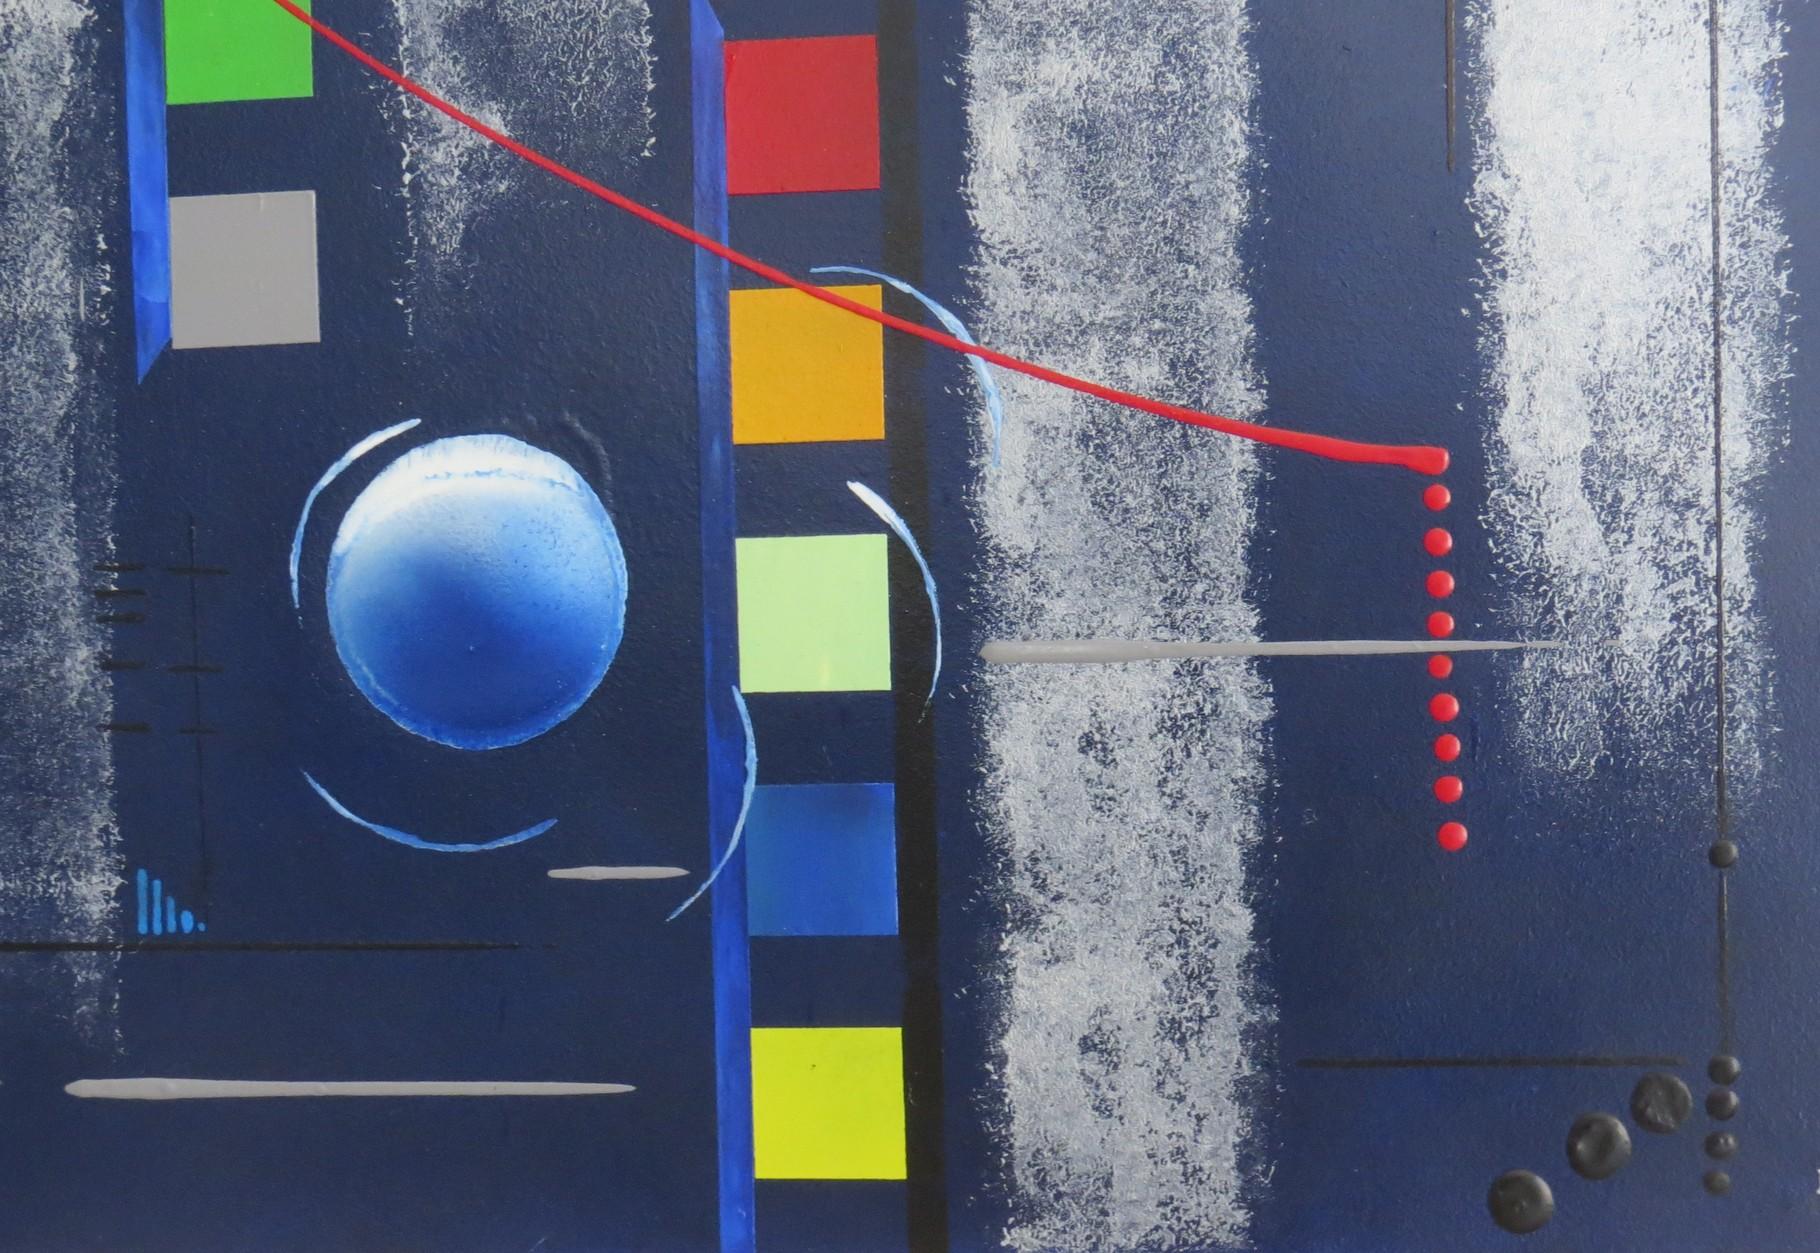 bleu d'argent vue zoom1 - daluz galego tableau abstrait abstraction